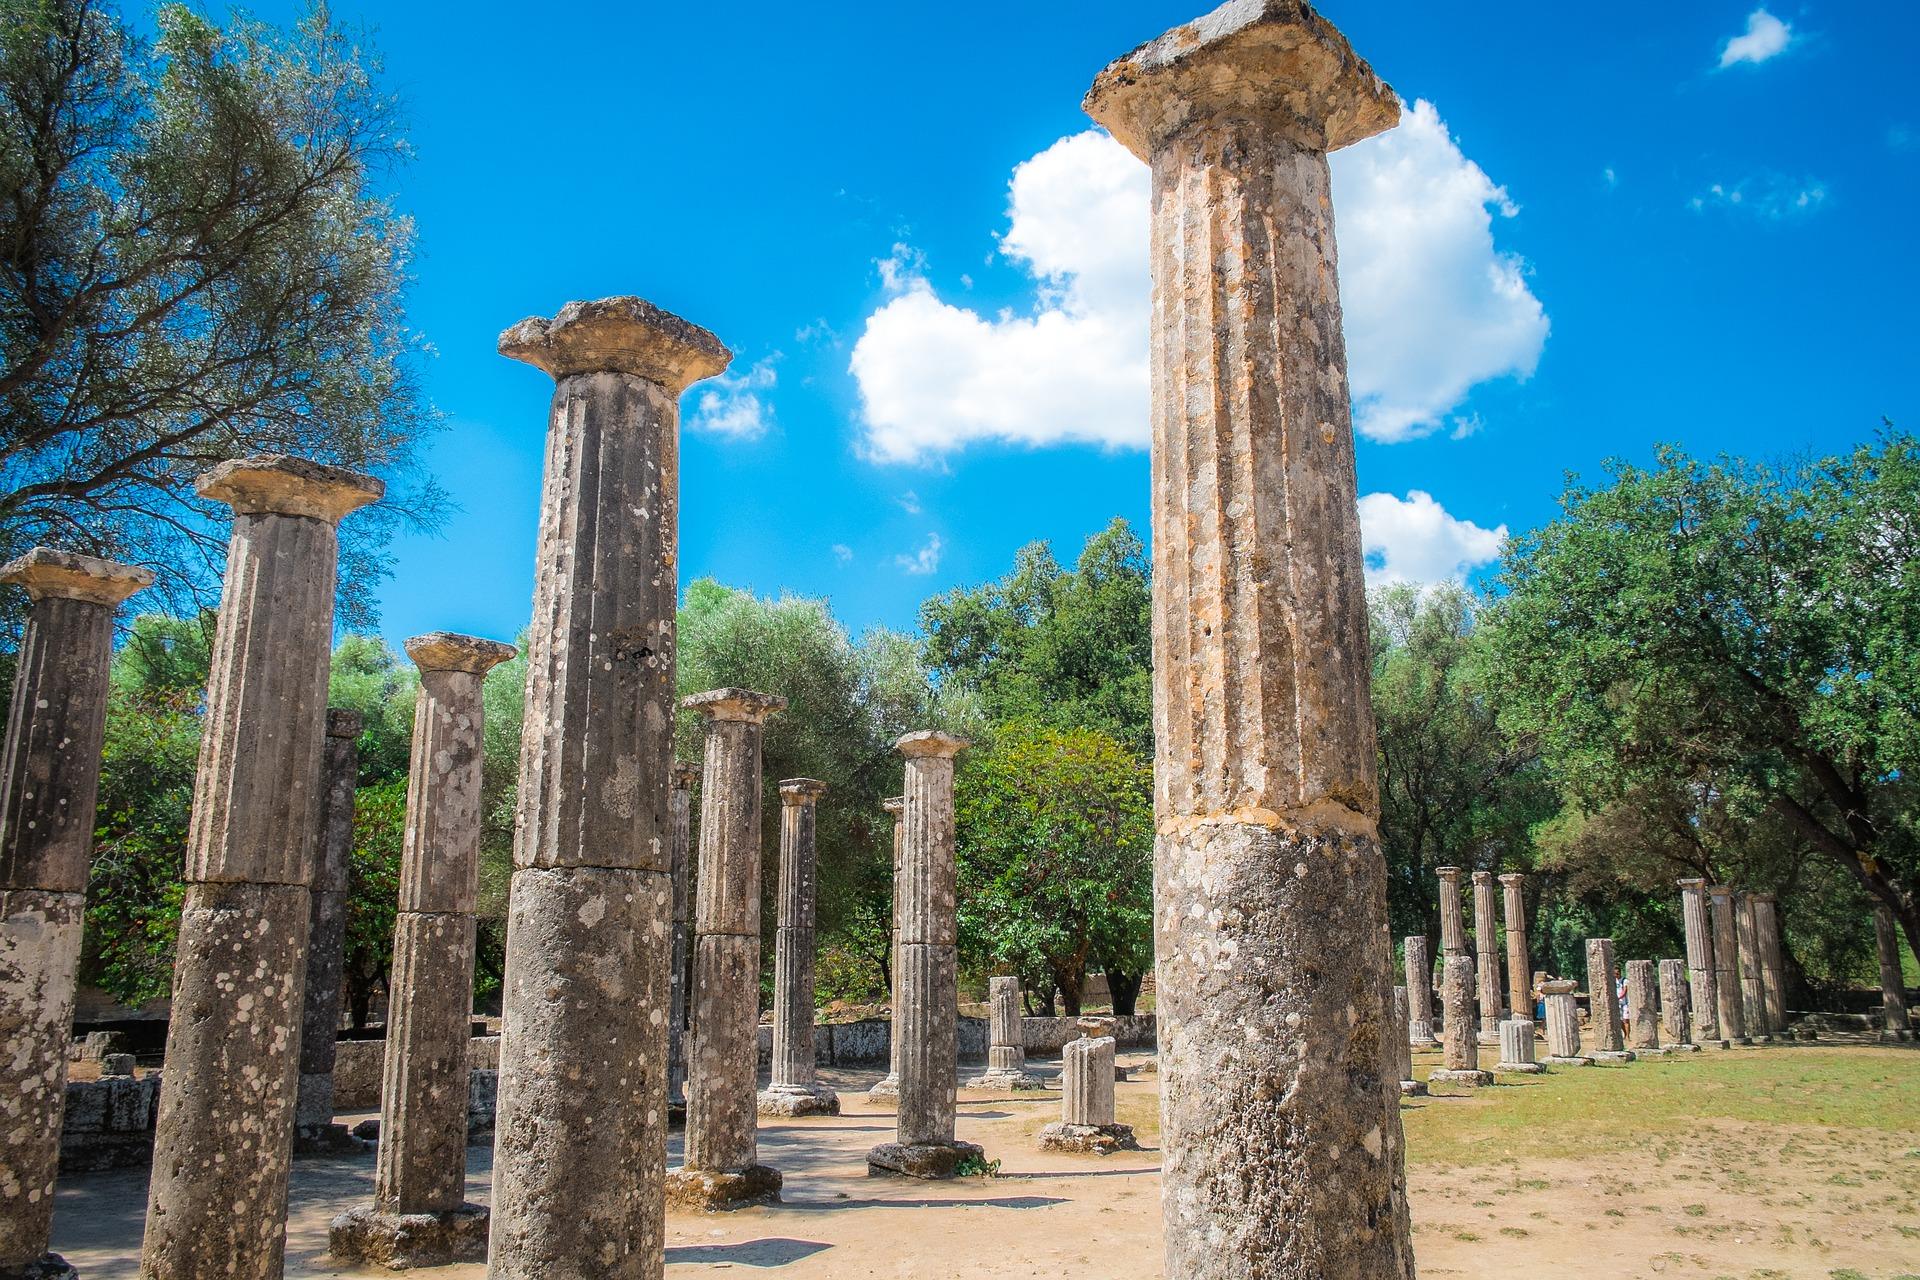 Les ruines de la grèce antique - Circuit en Grèce continentale